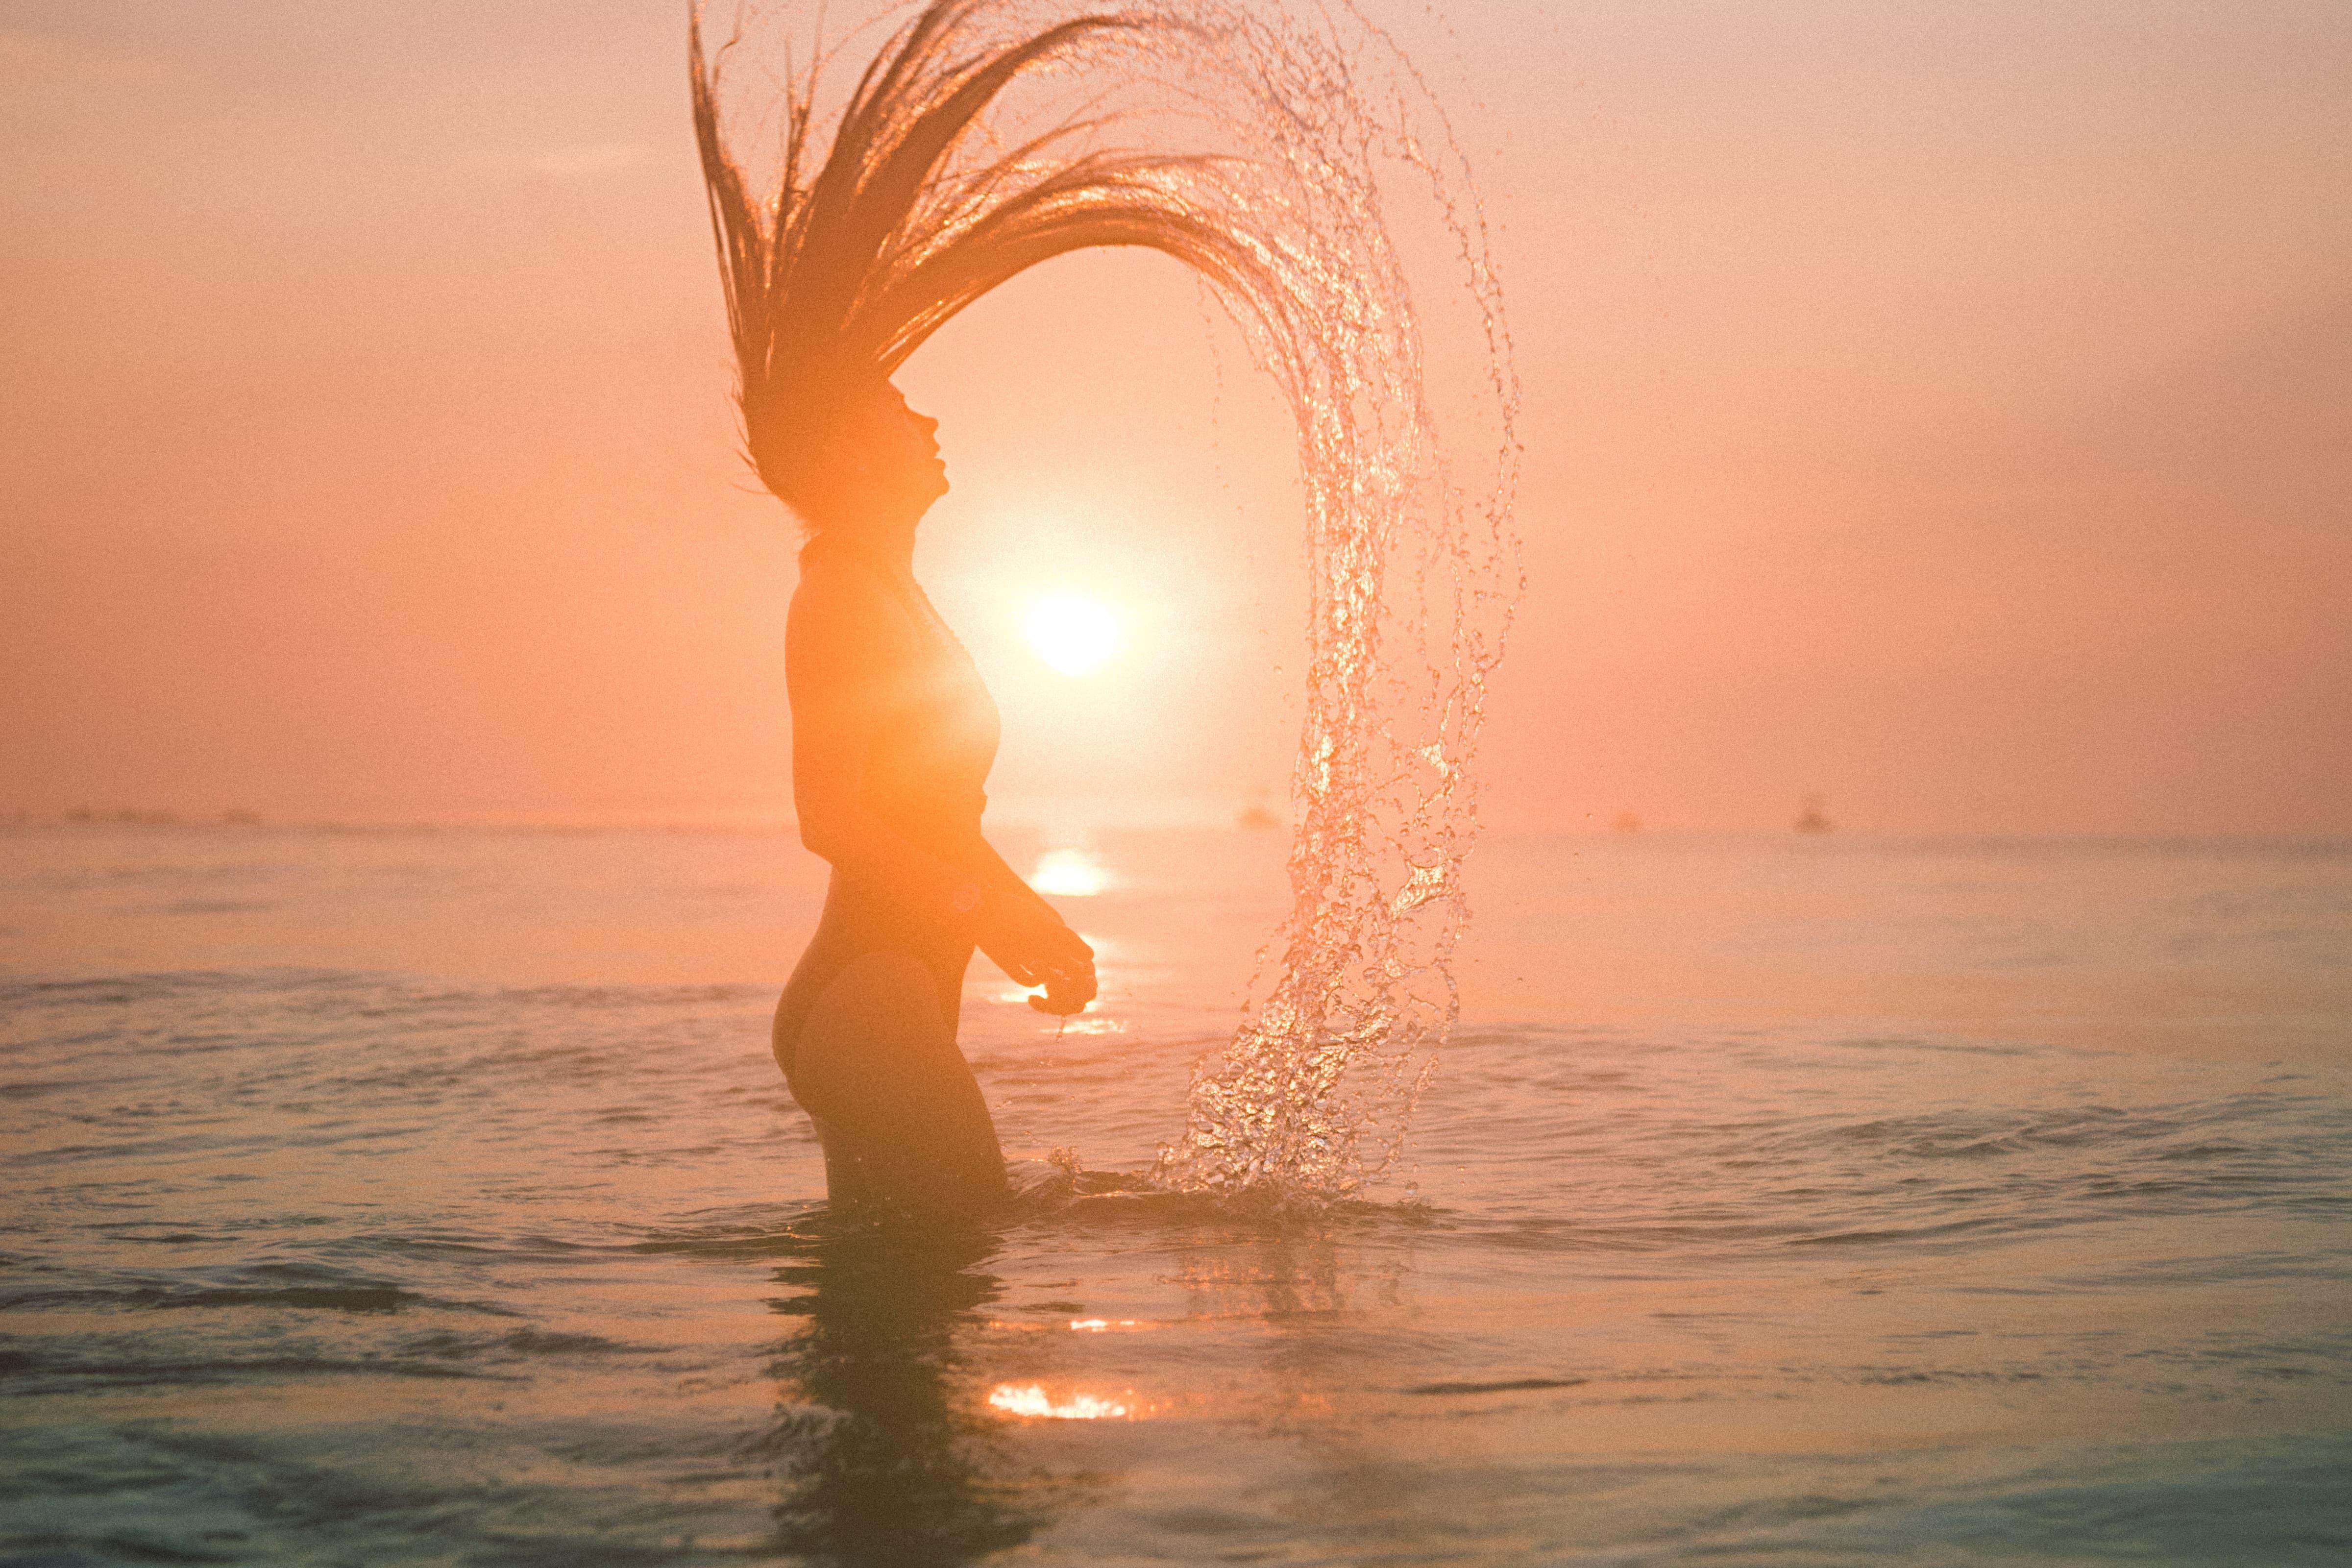 夏にずぶずぶになるまいとする女性の画像